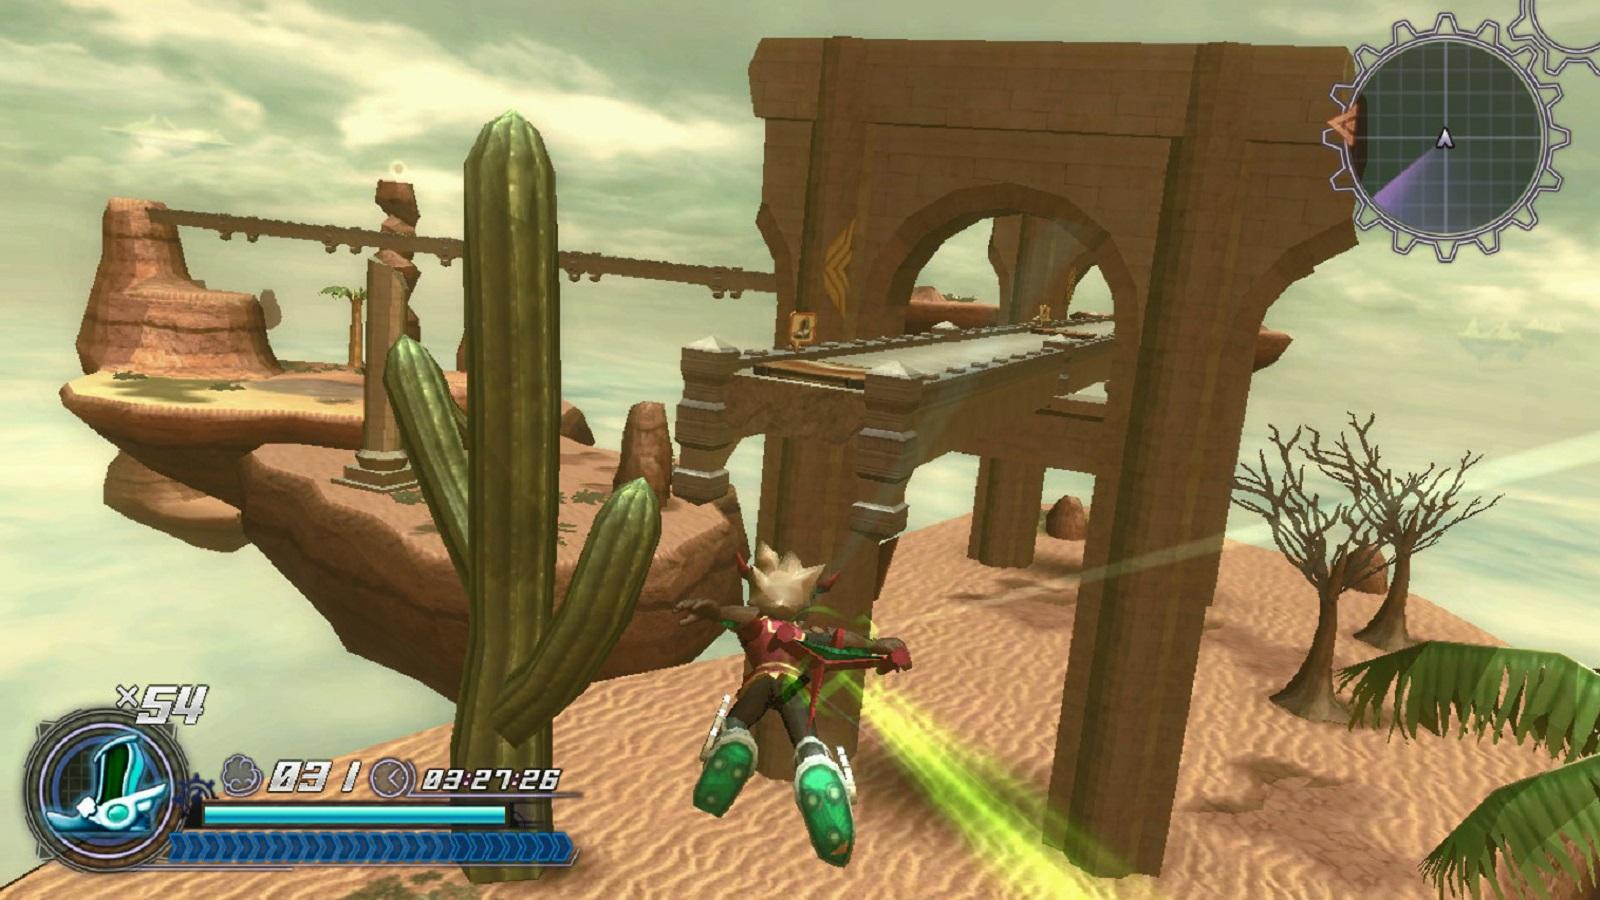 Rodea: Sky Soldier Gameplay Screenshot Phoenix Fireflight WiiU 3DS